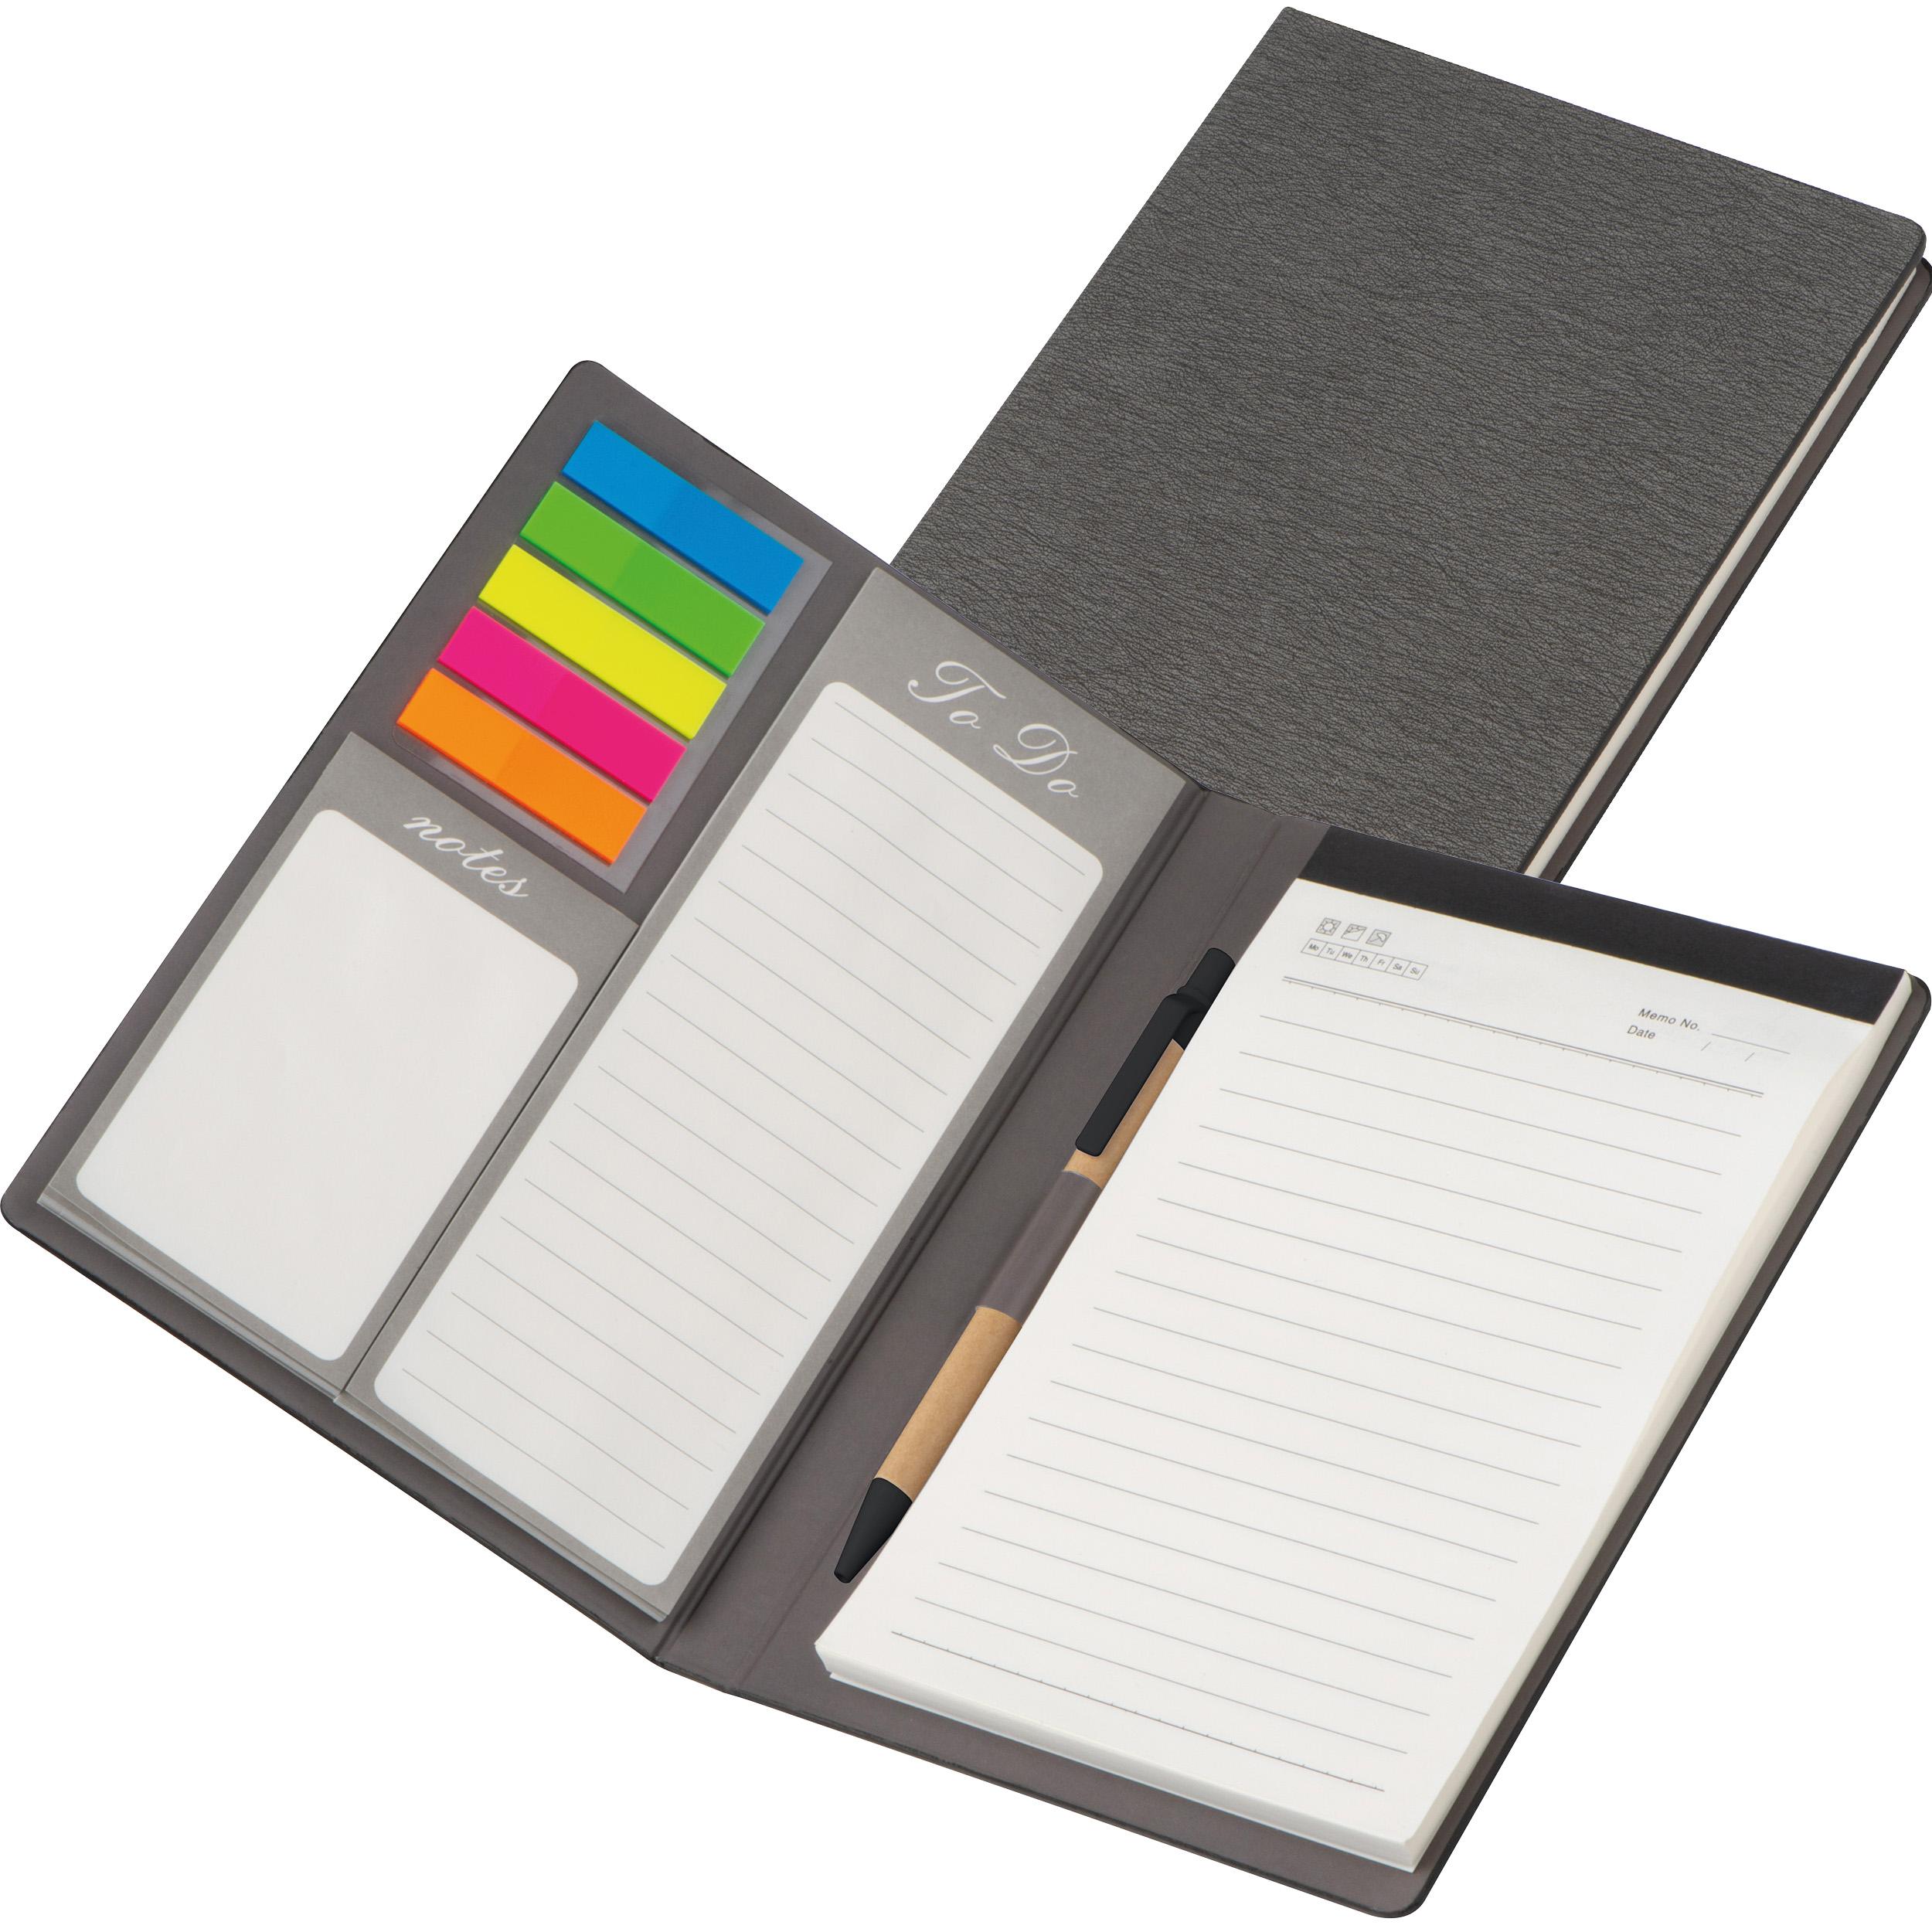 Schreibmappe mit PU Einband, Notizen, To Do Liste und Haftmarkern